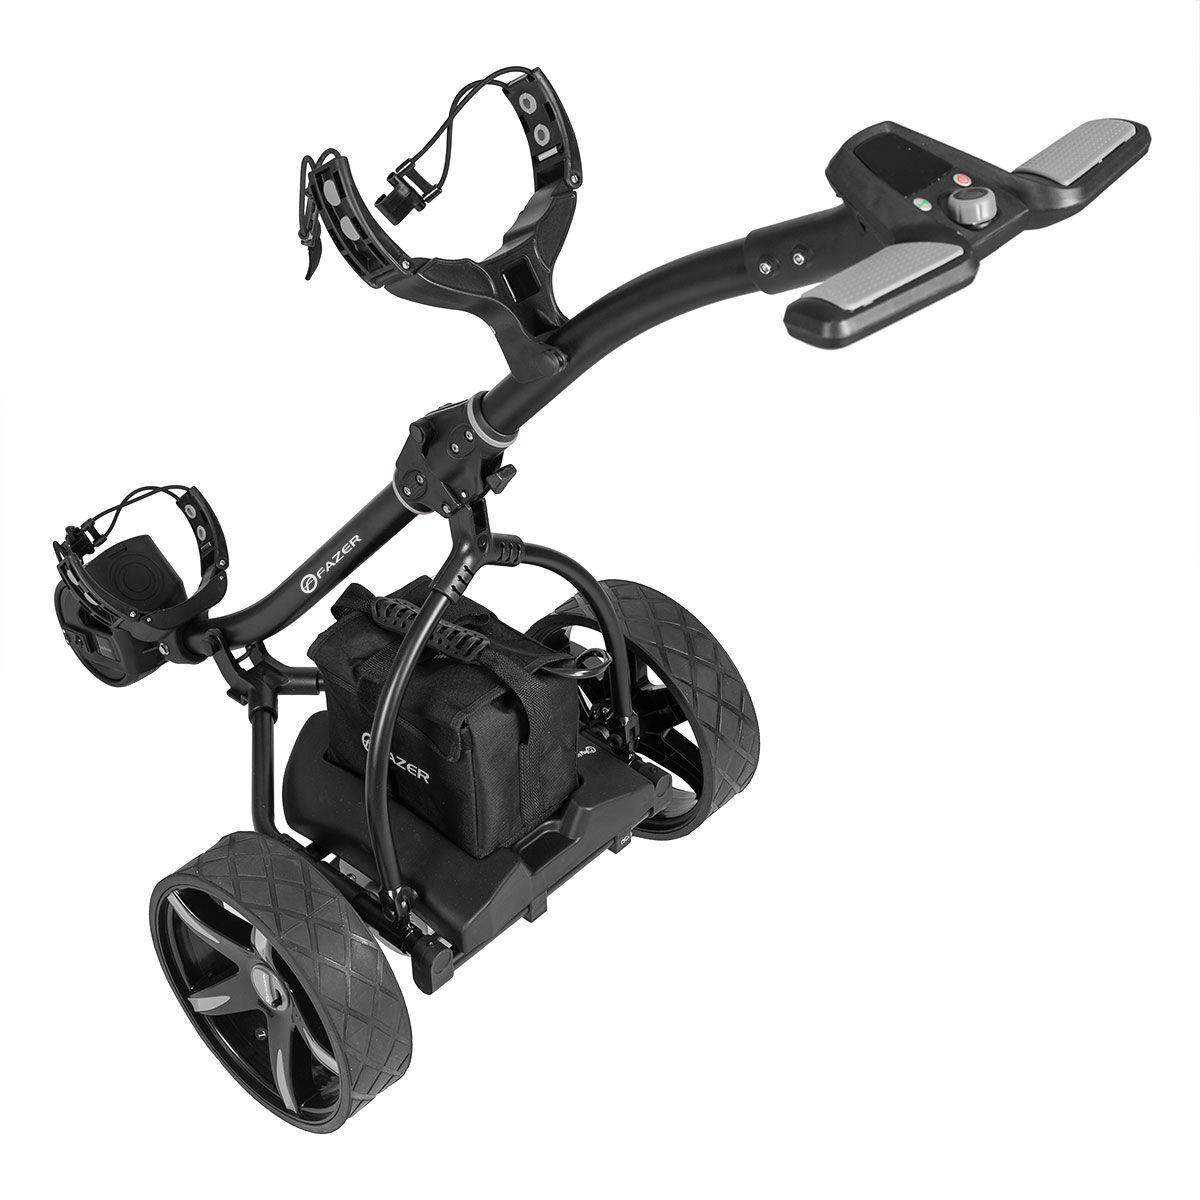 Fazer Black 18 Hole Electric Golf Trolley, Size: 107x56x101cm | American Golf | American Golf